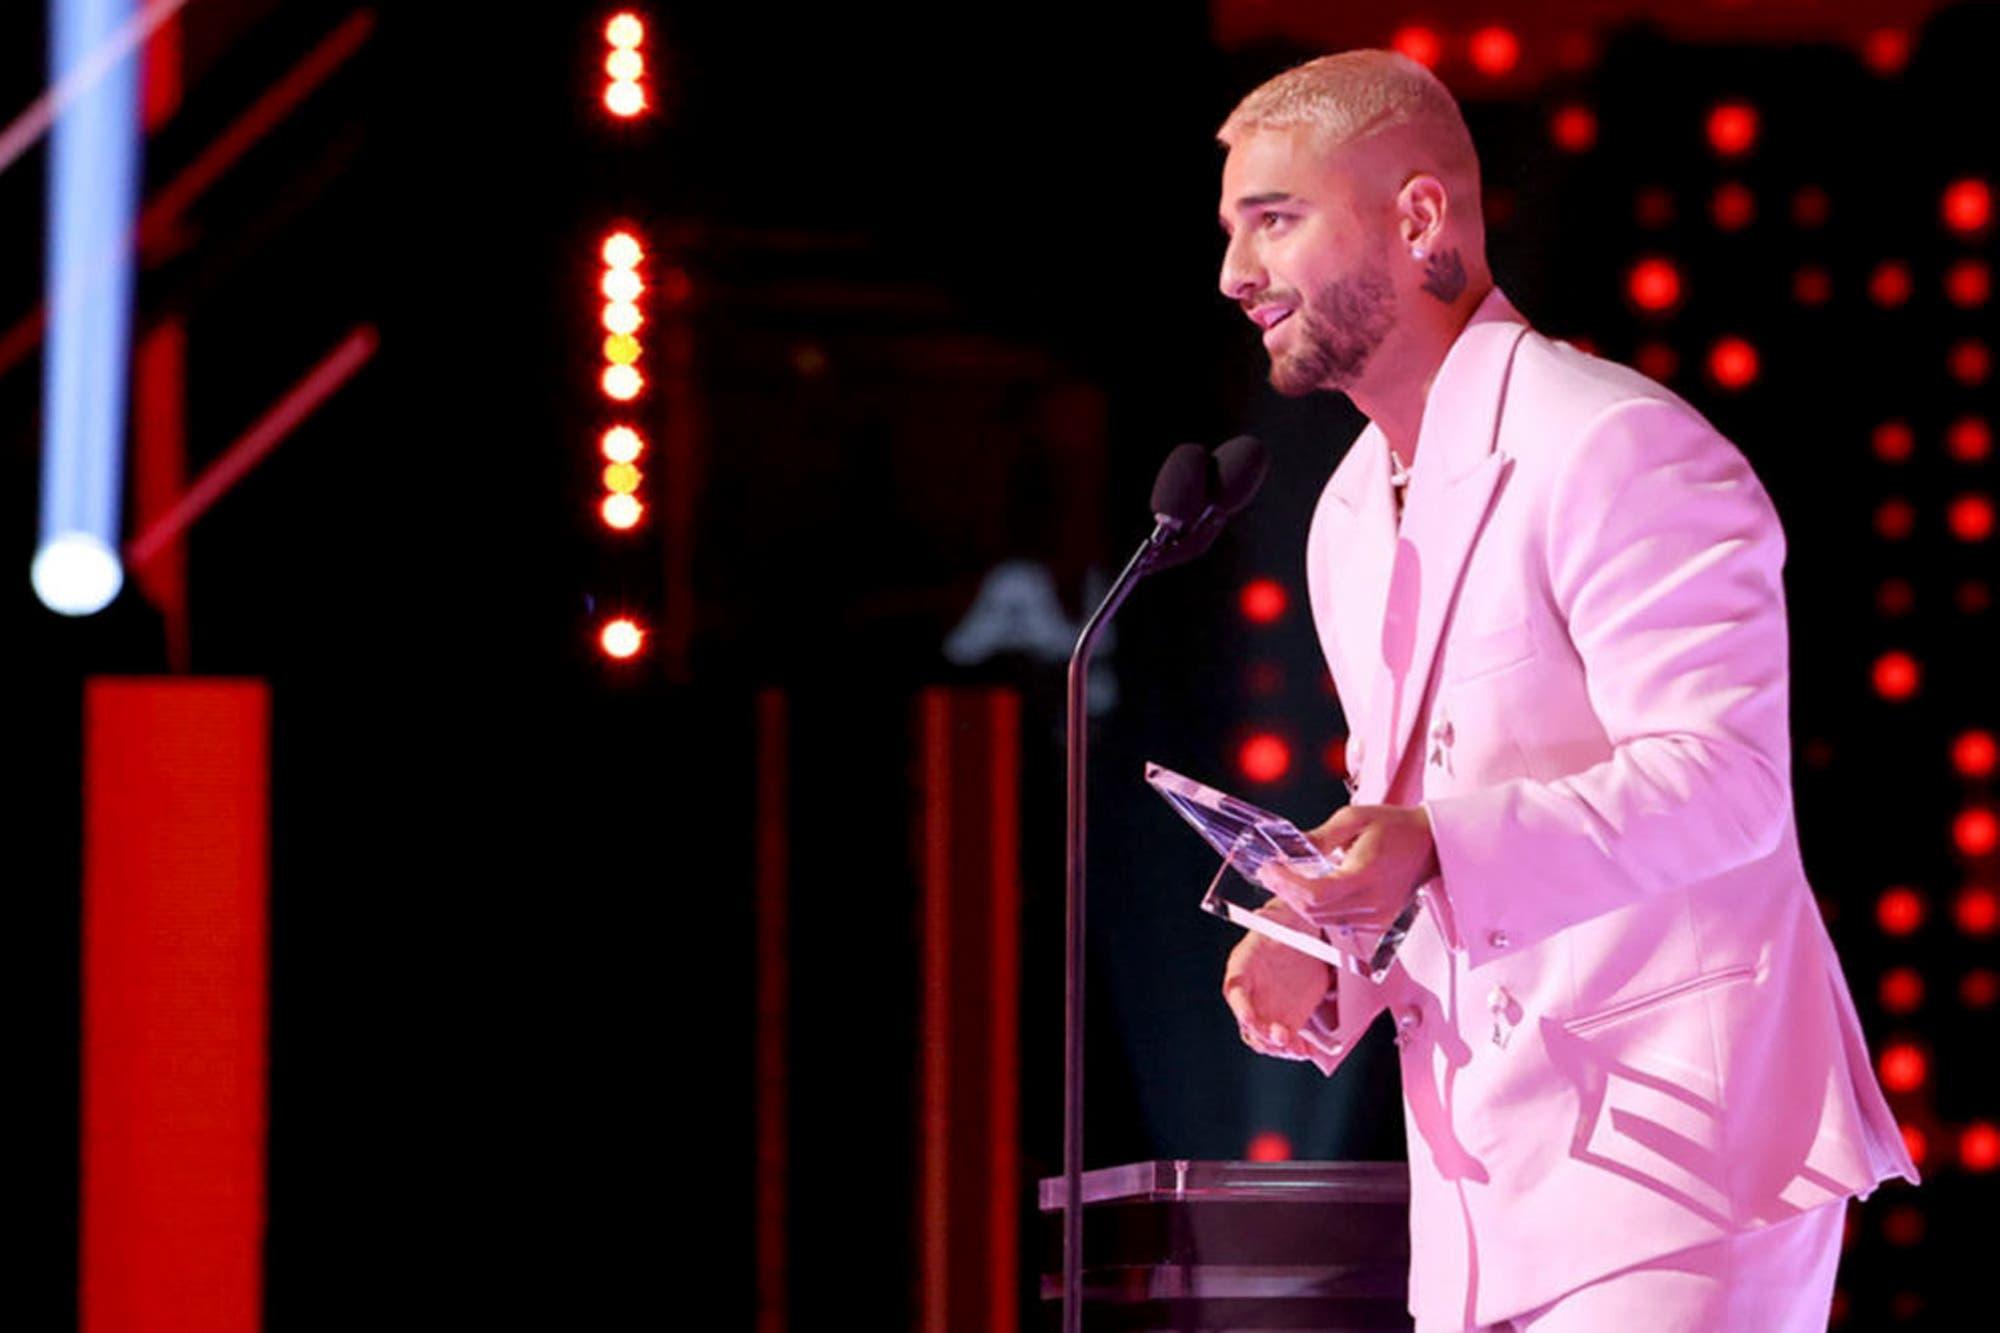 Premios Billboard latinos: Bad Bunny y Daddy Yankee, los grandes ganadores